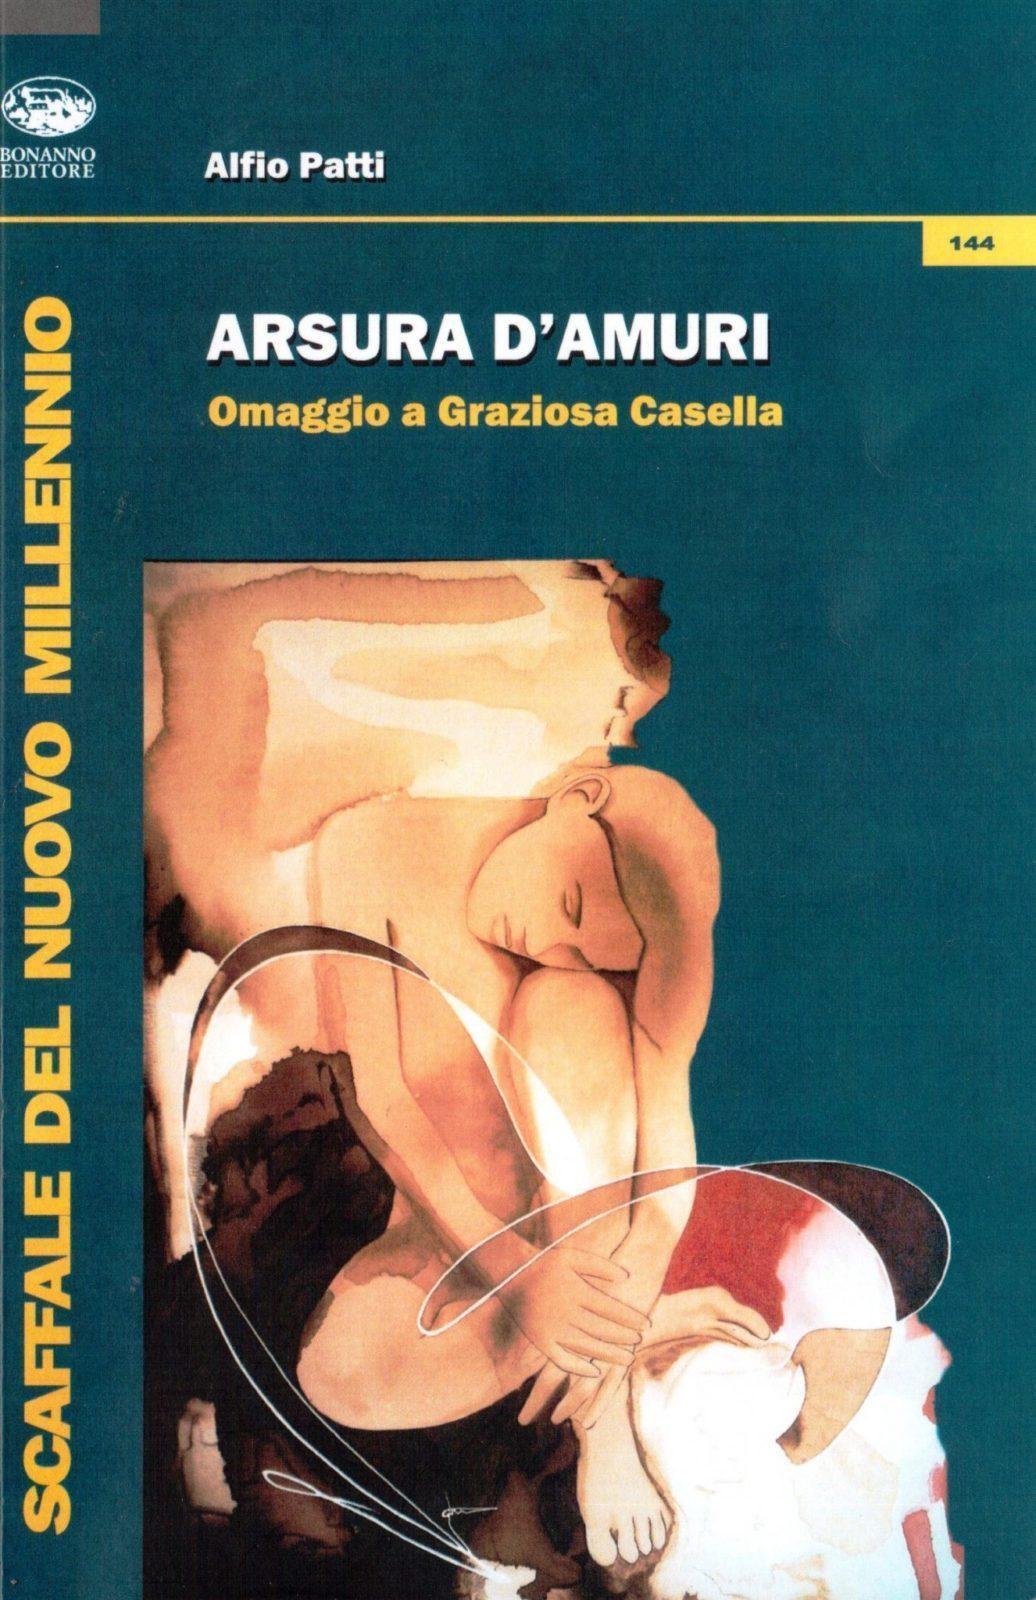 copertina Arsura d Amuri di Alfio Patti Bonanno Edizioni 2013